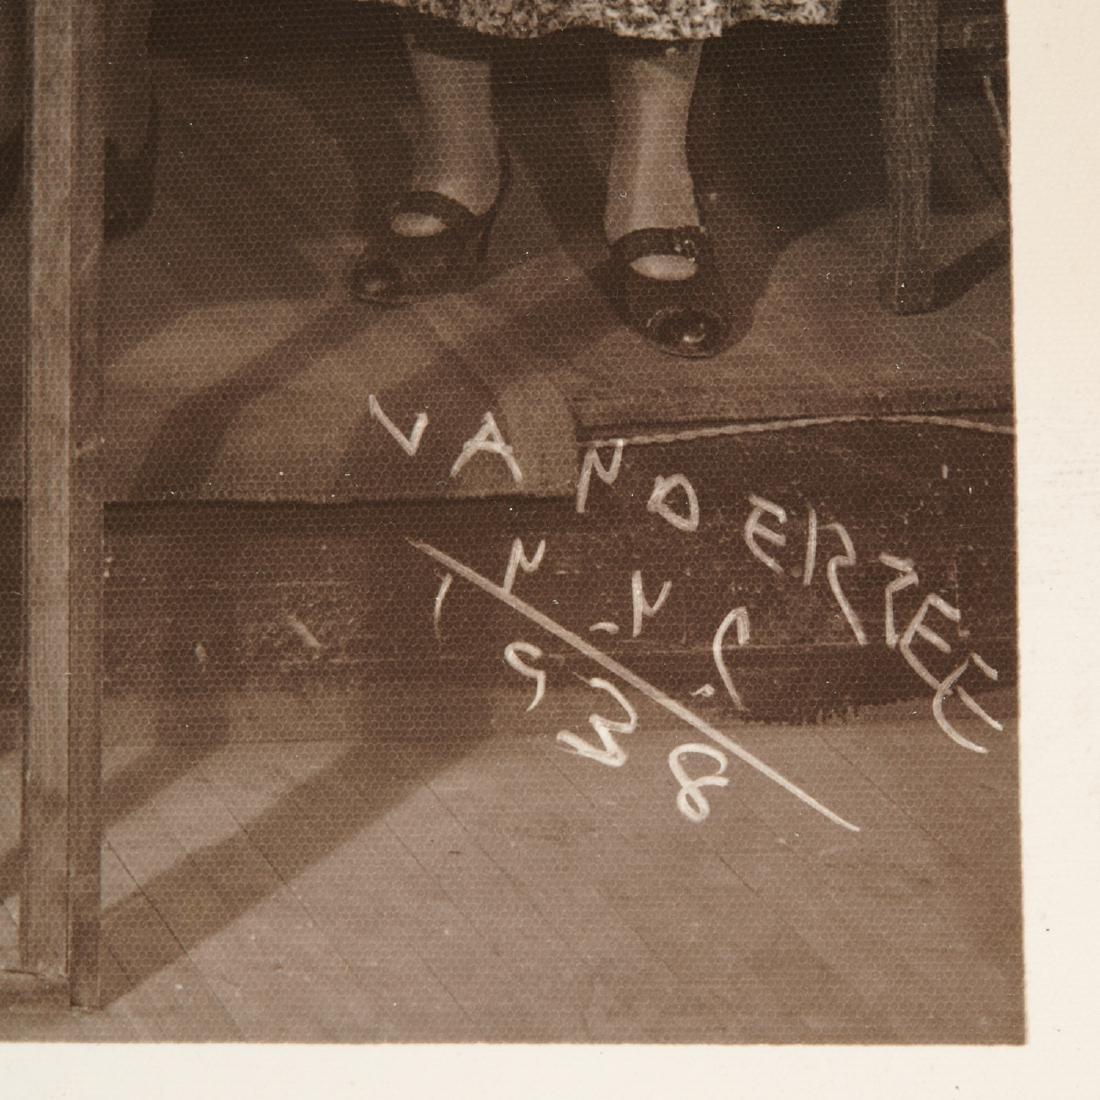 James Van Der Zee, photograph - 4